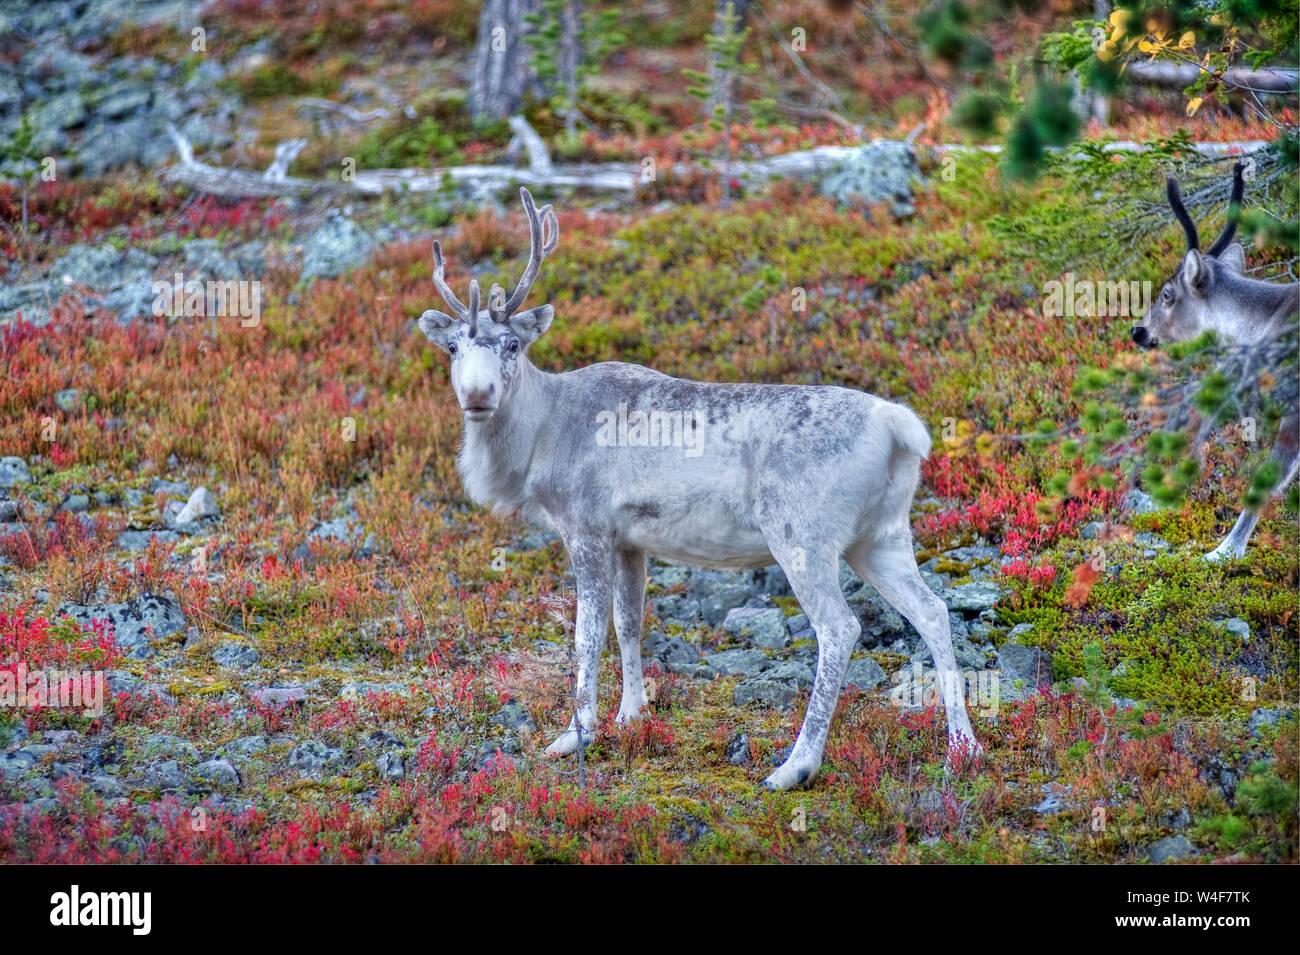 reindeer (Rangifer tarandus) in the taiga forest,Ruska time (autumn), Pallas-Yllastunturi National Park, Lapland, Finland Stock Photo